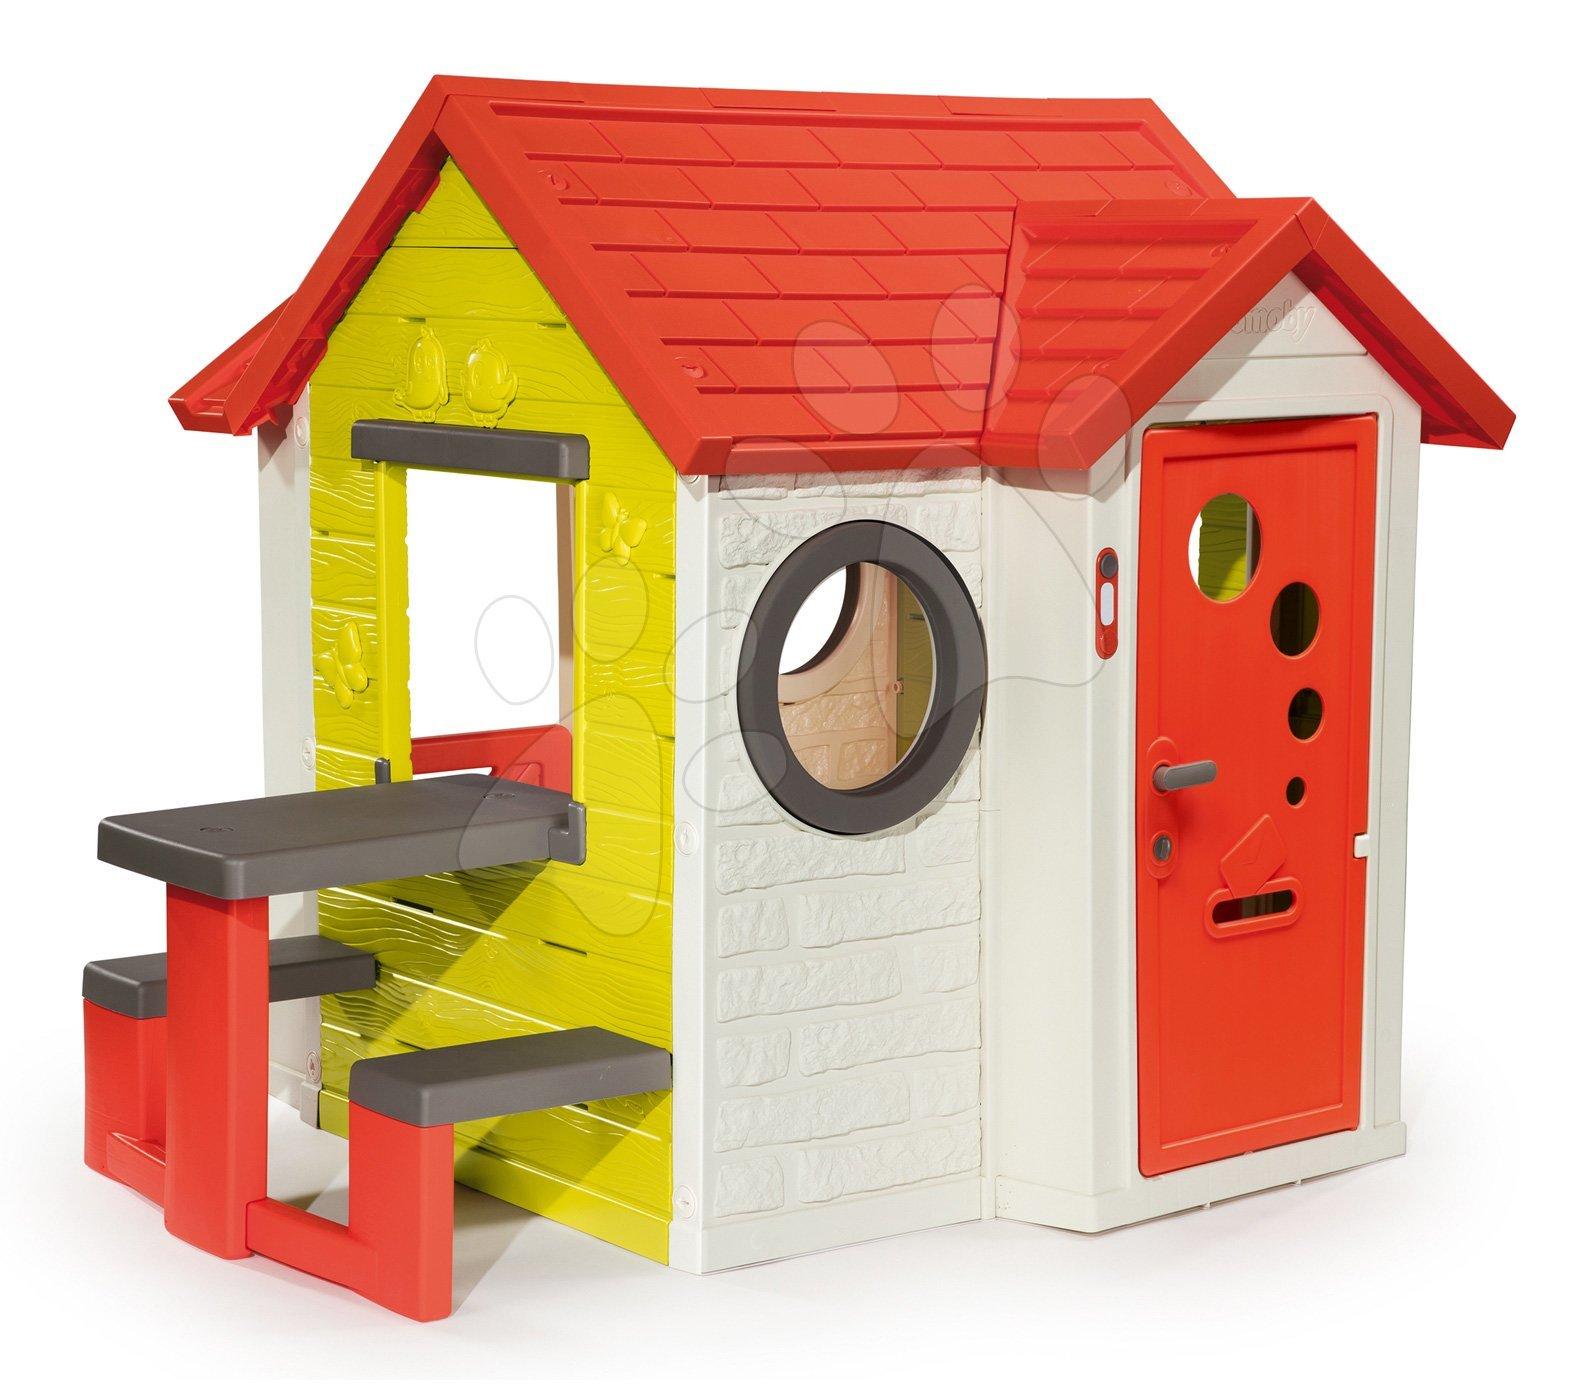 Házikó My House Smoby piknik asztallal és teljes bejárati ajtóval